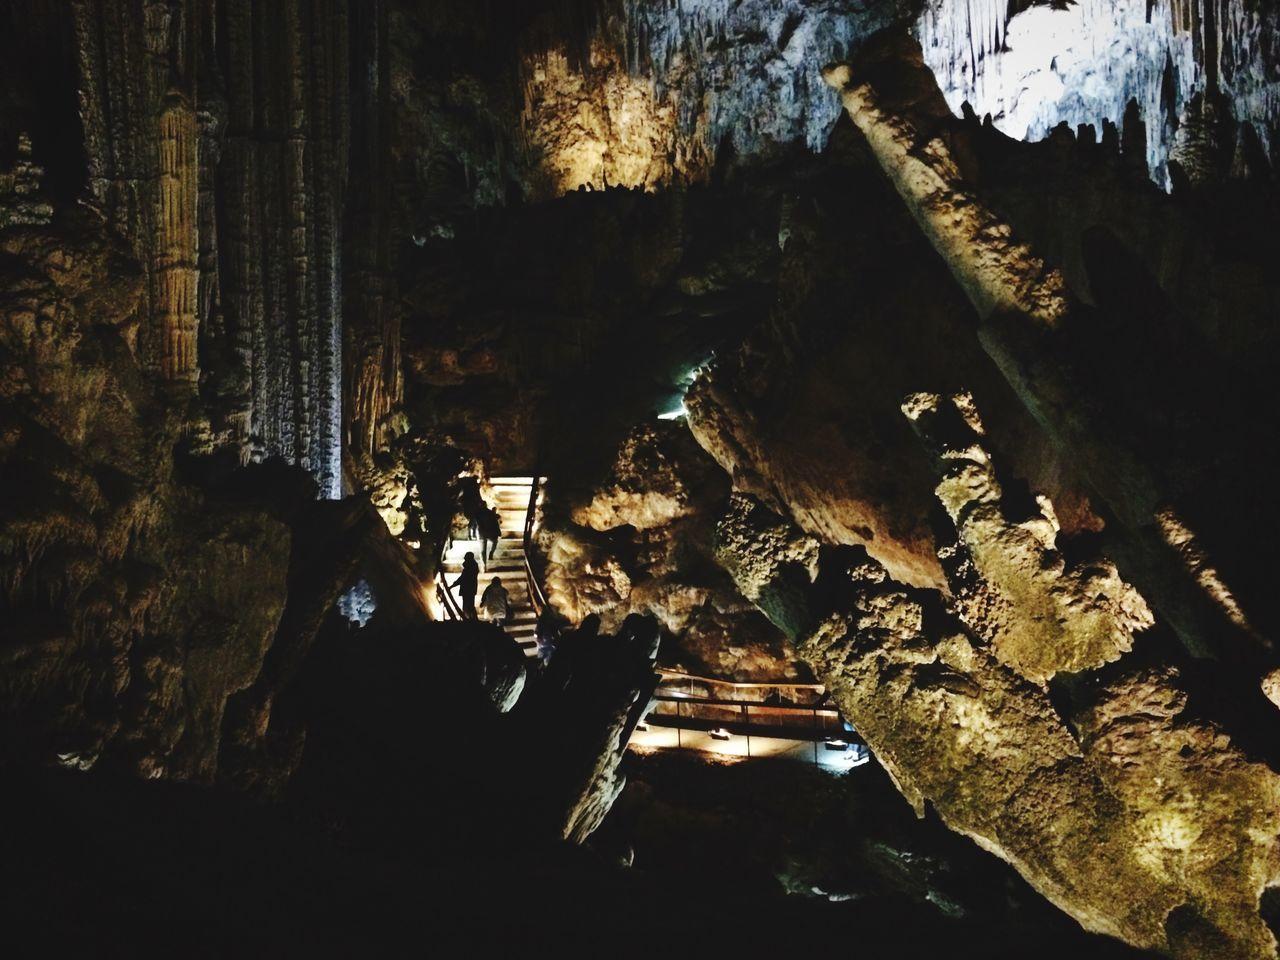 Illuminated cuevas de nerja